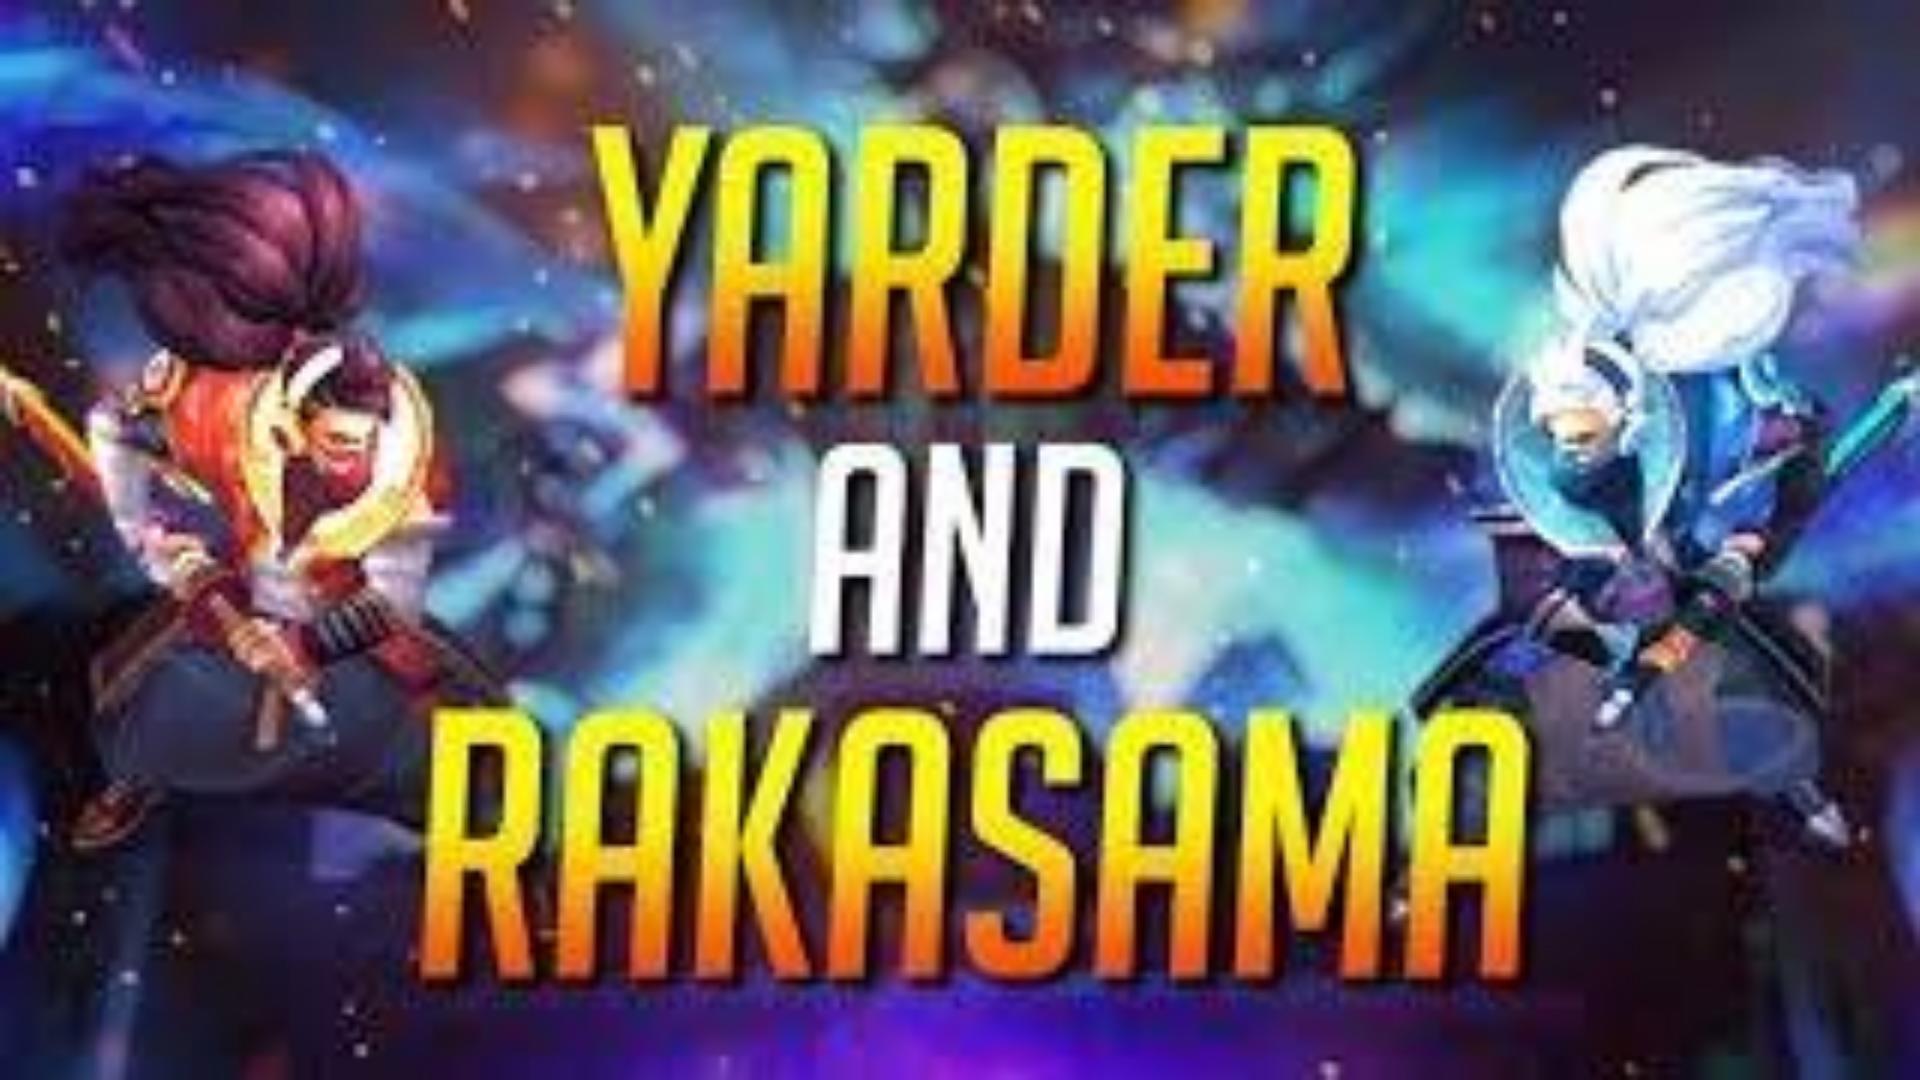 越南服亚索高玩Yarder & RaKaSaMa美服越南服精彩操作